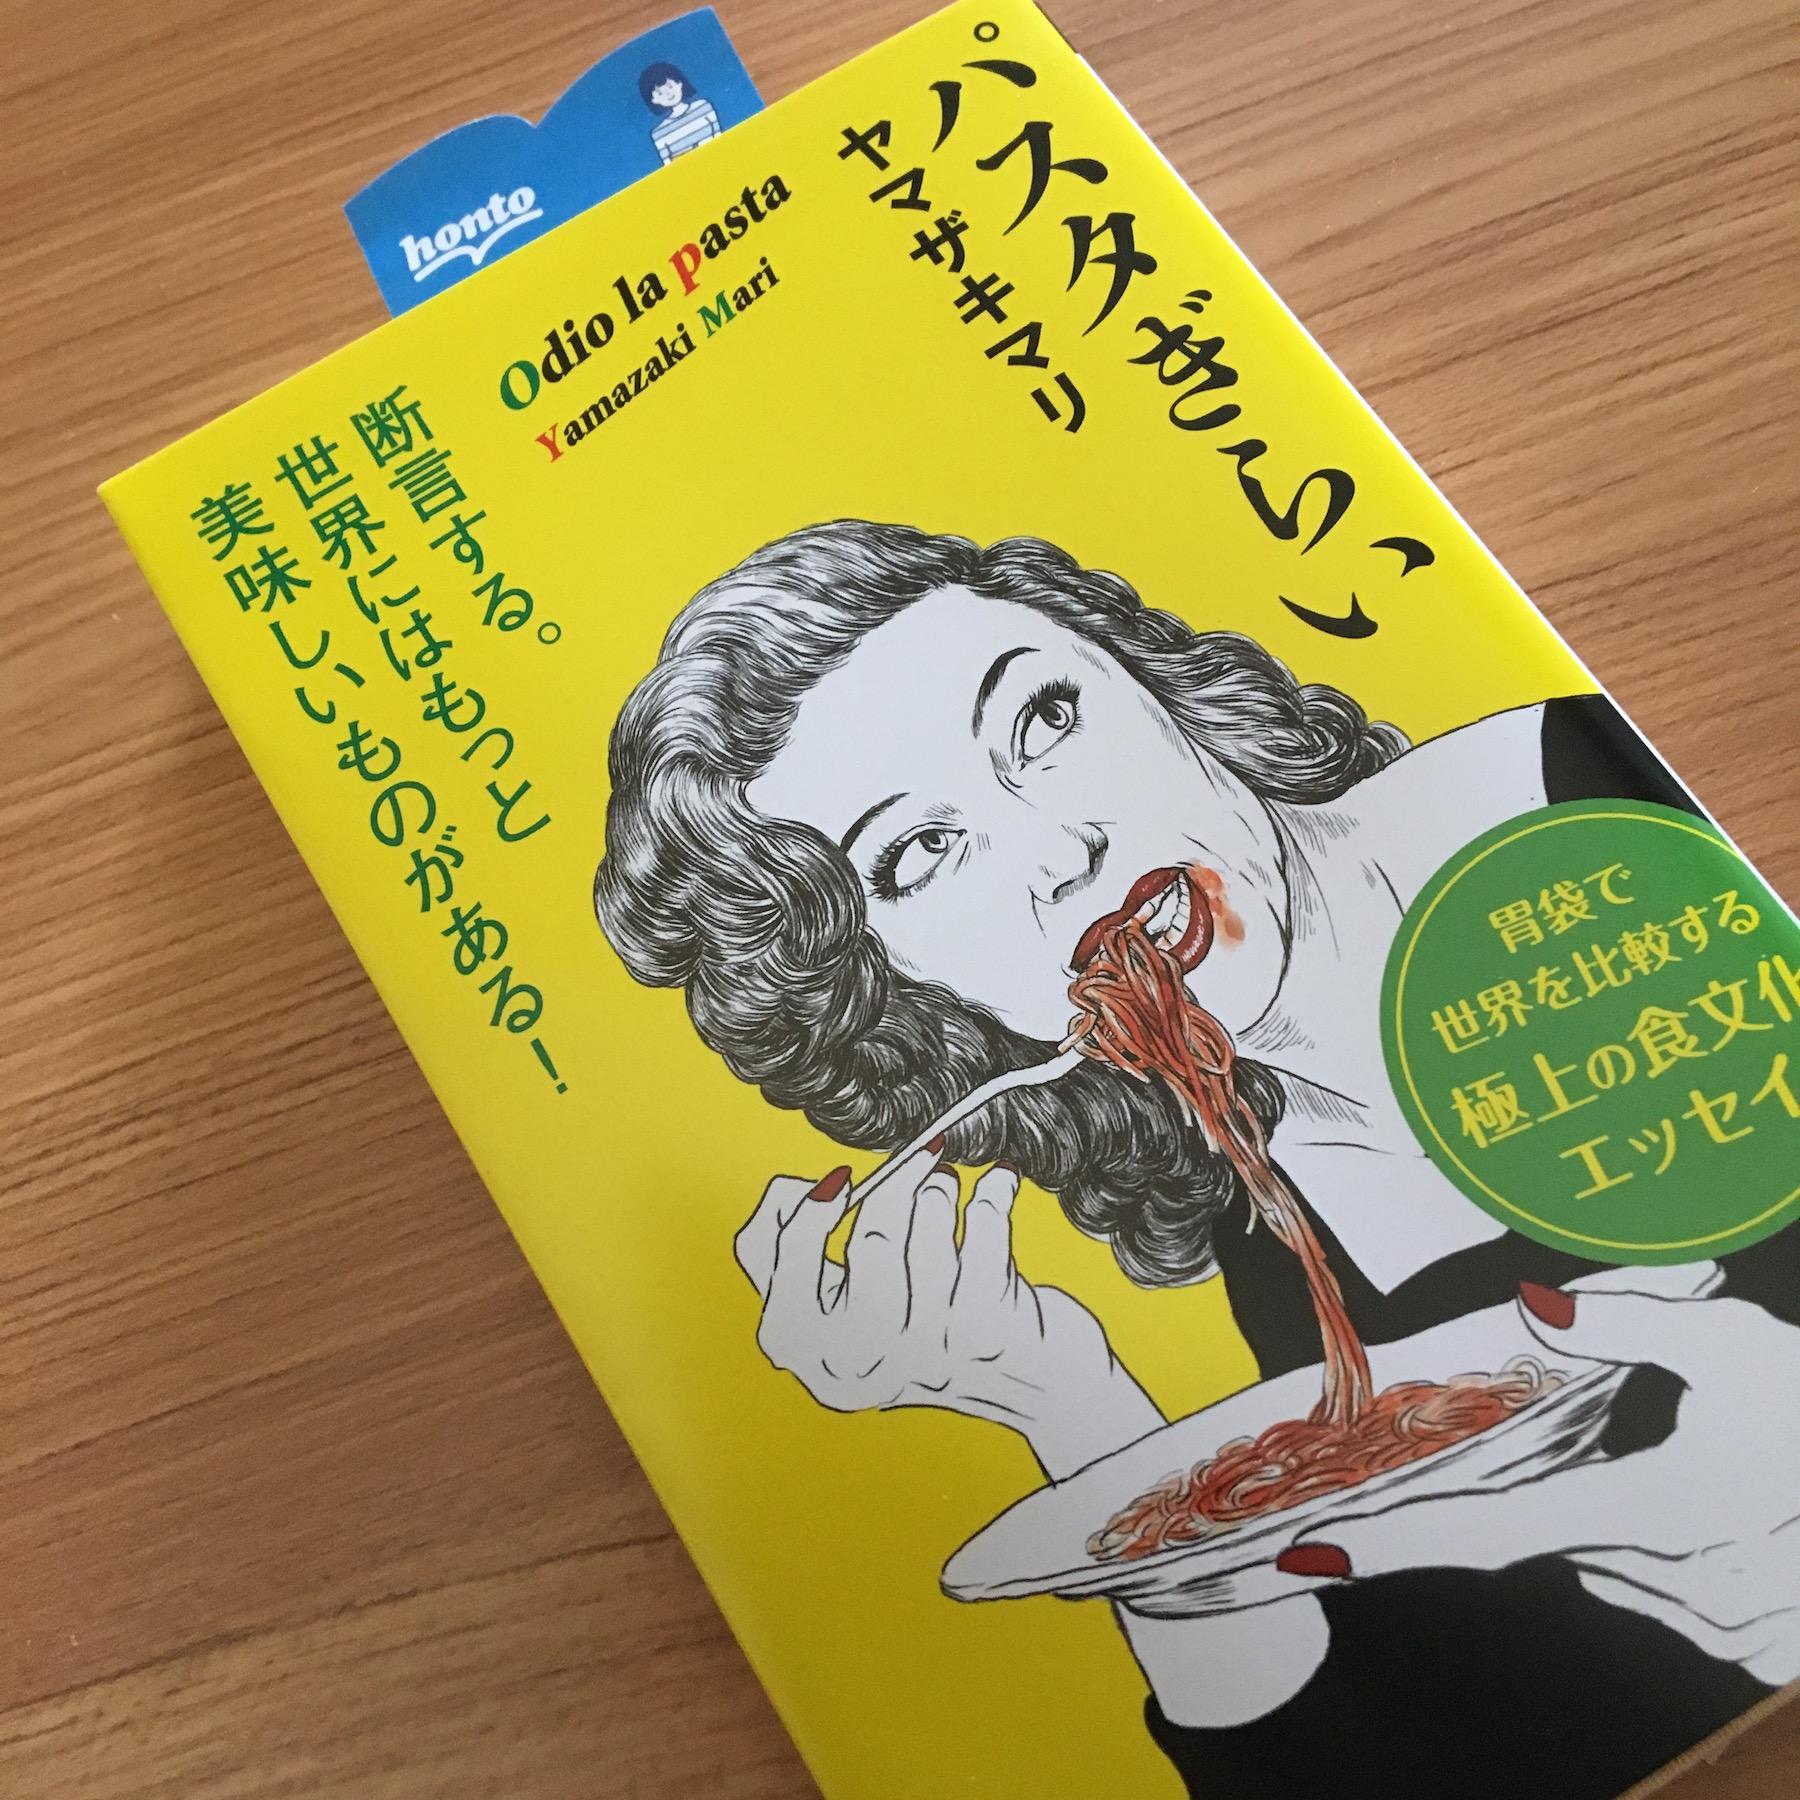 【本を読んで】 パスタぎらい - ヤマザキマリ